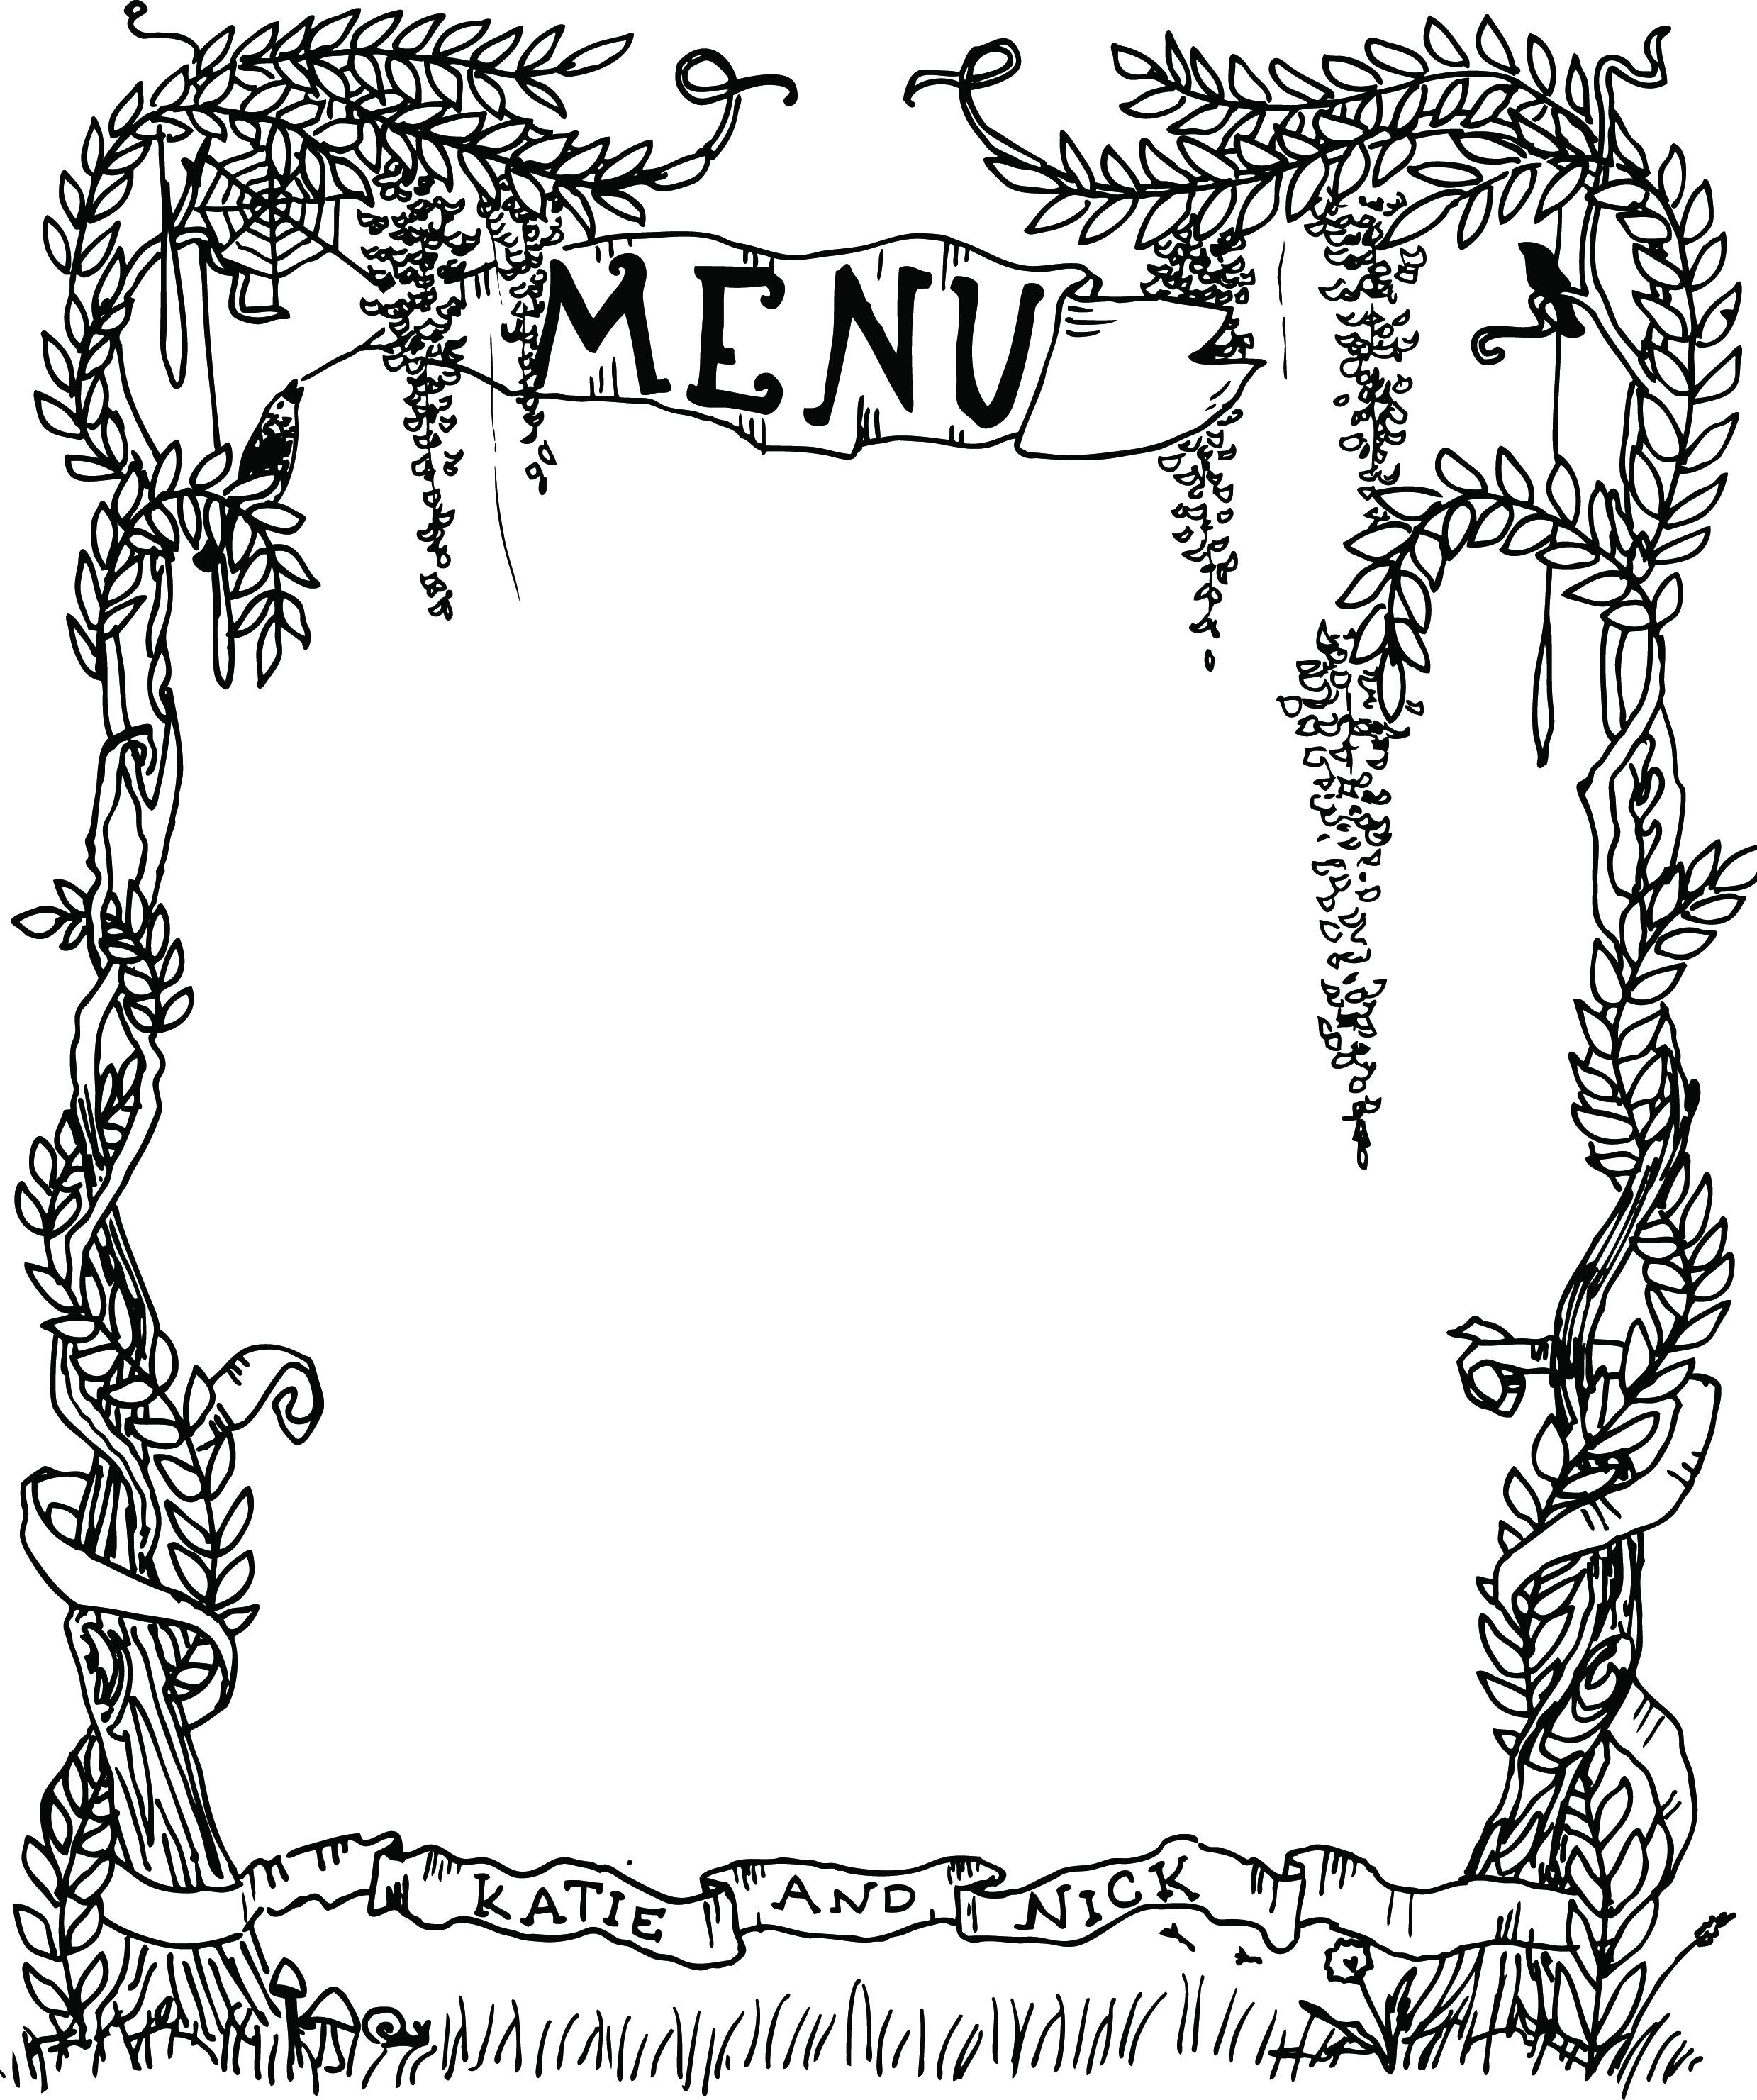 Menu Illustration for K+N Wedding (2012)